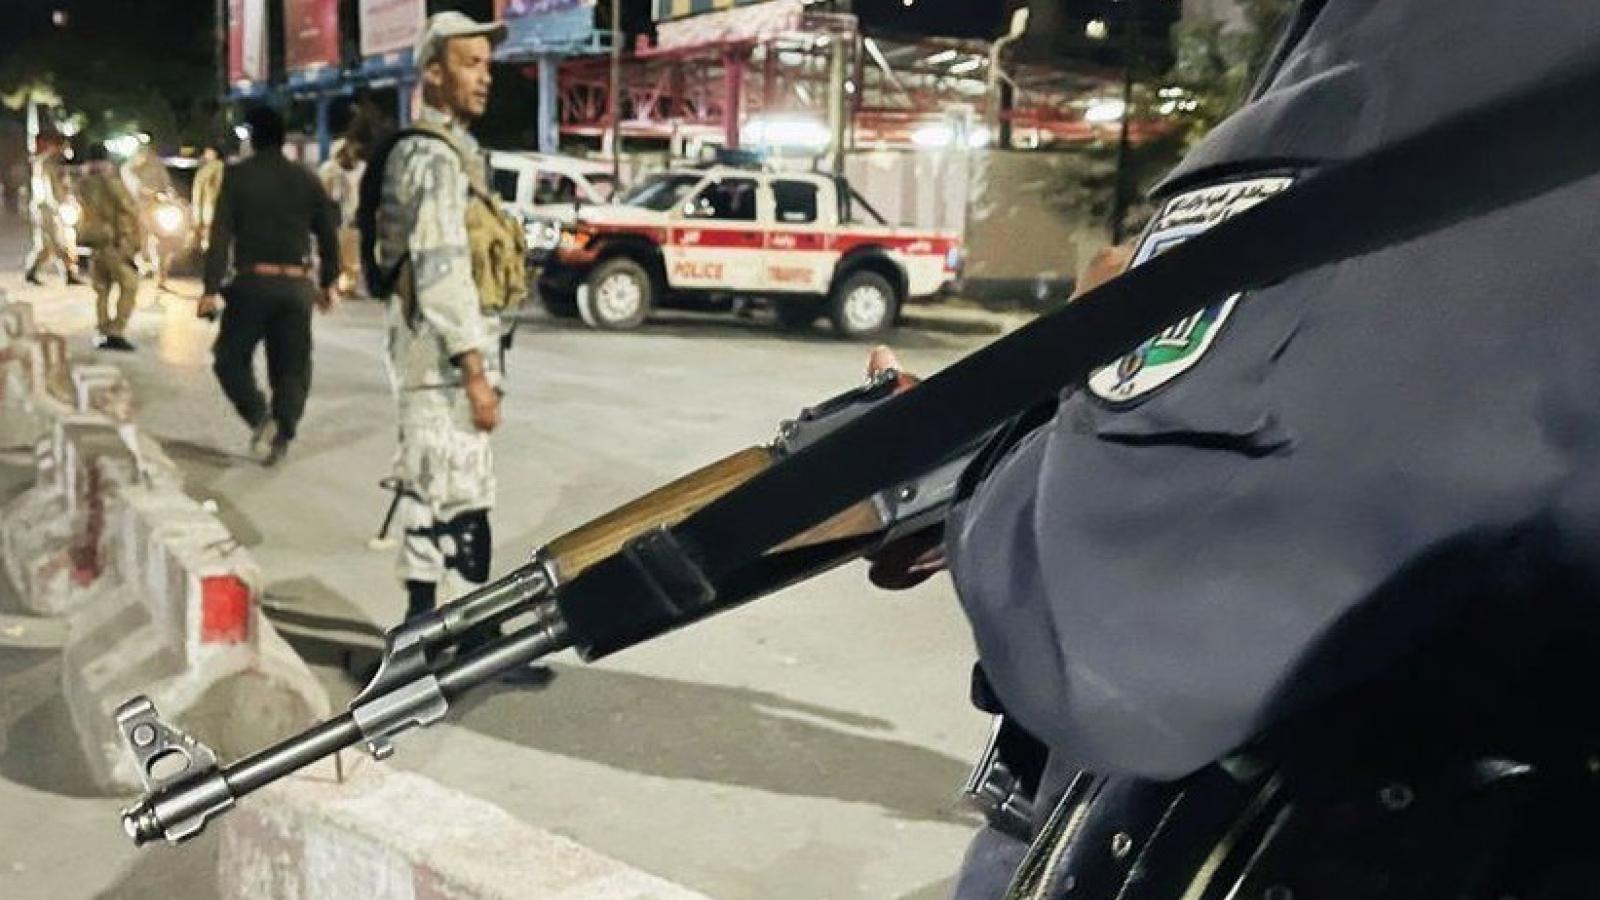 Nhà riêng Bộ trưởng Quốc phòng Afghanistan bị tấn công, thế giới lo về một cuộc nội chiến